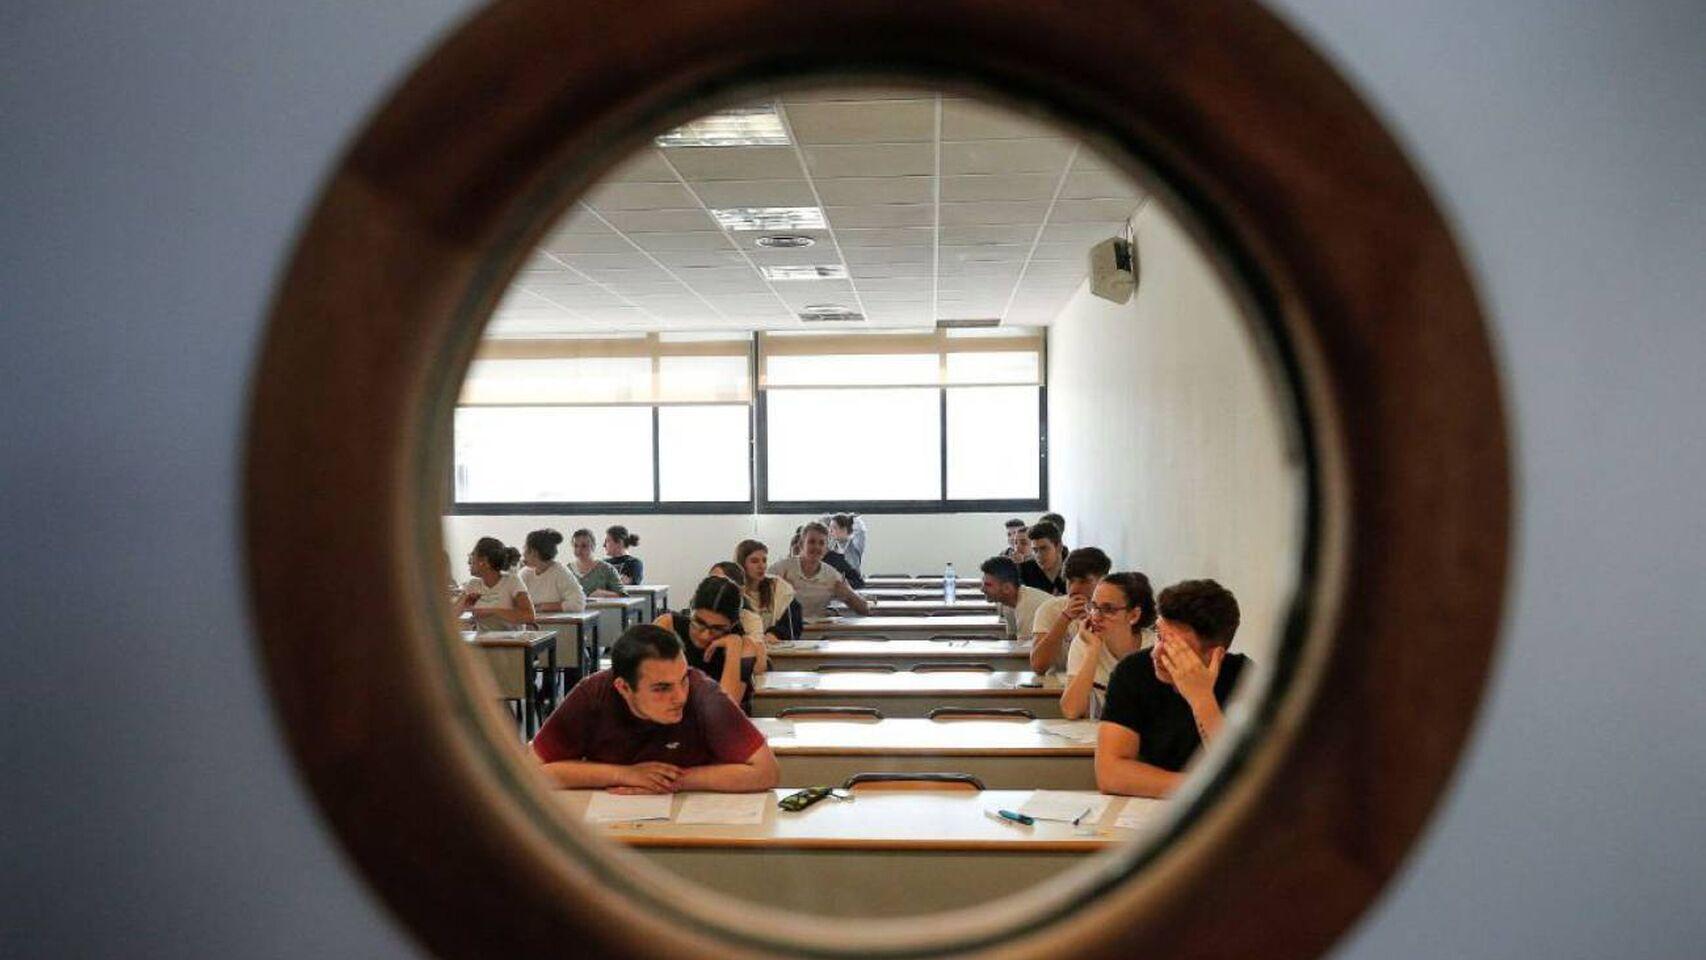 Un grupo de universitarios en un aula de la facultad.